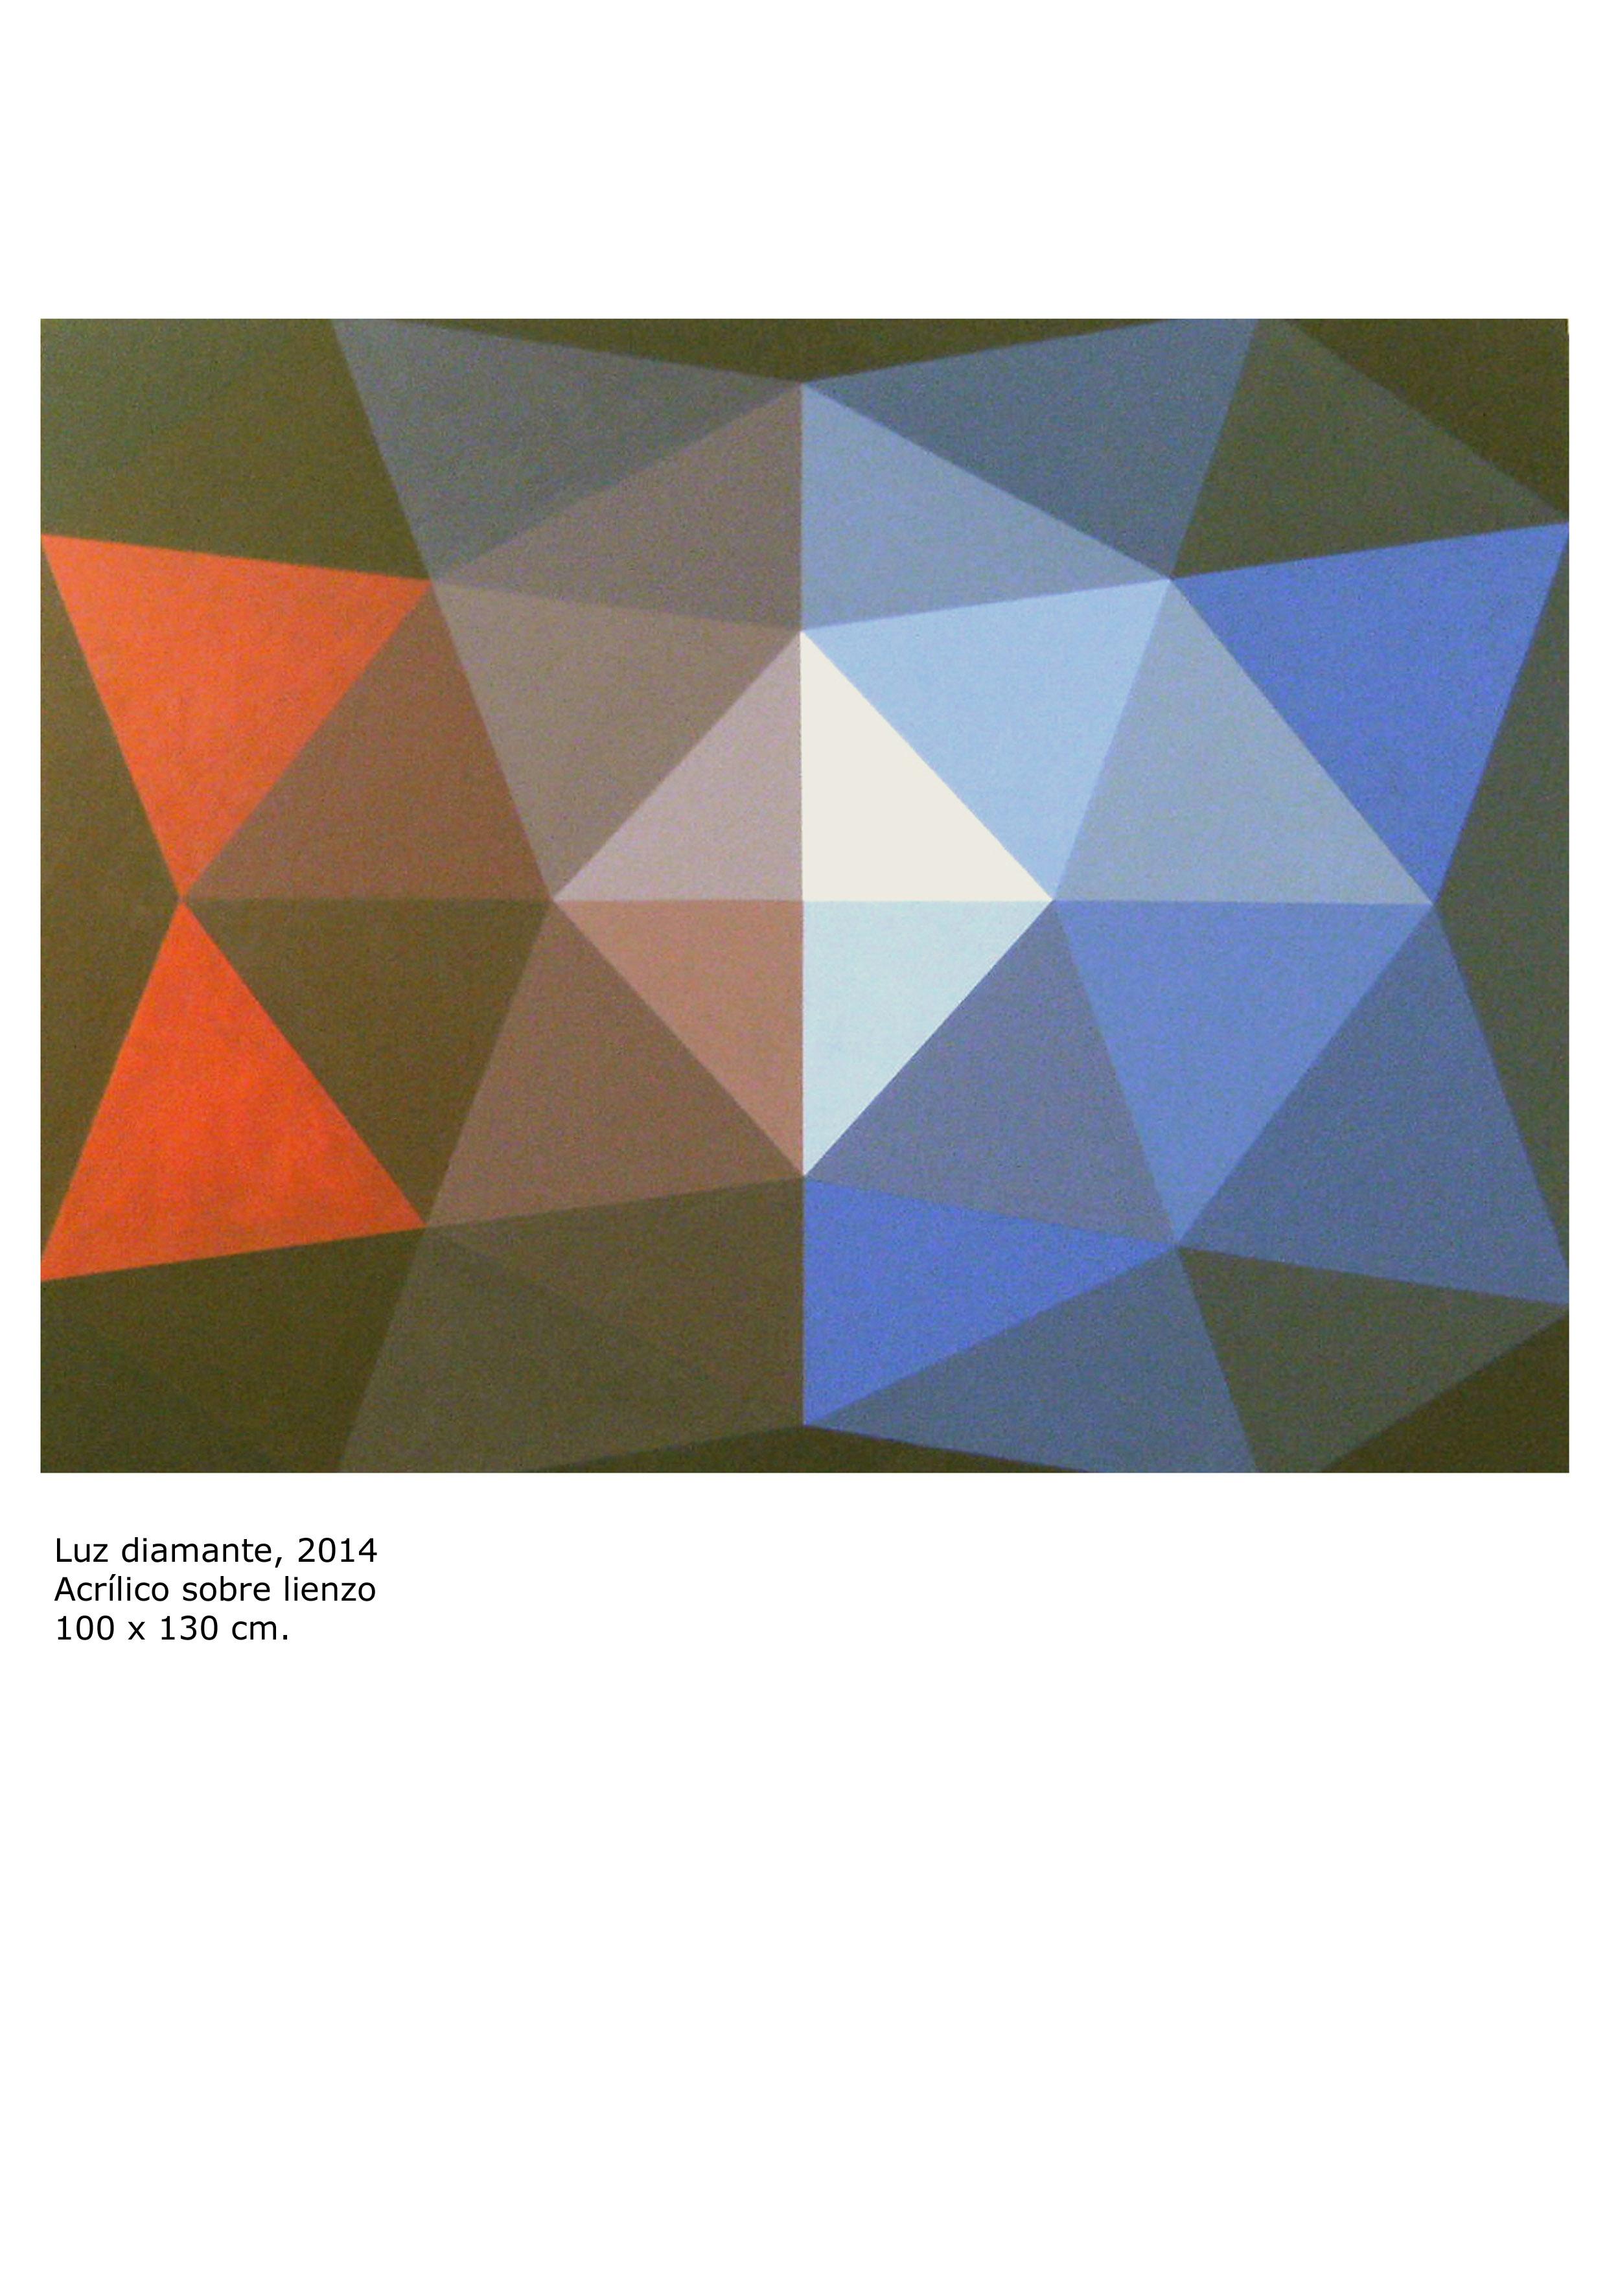 Luz diamante (2014) - Juan Carlos Beneyto Pérez